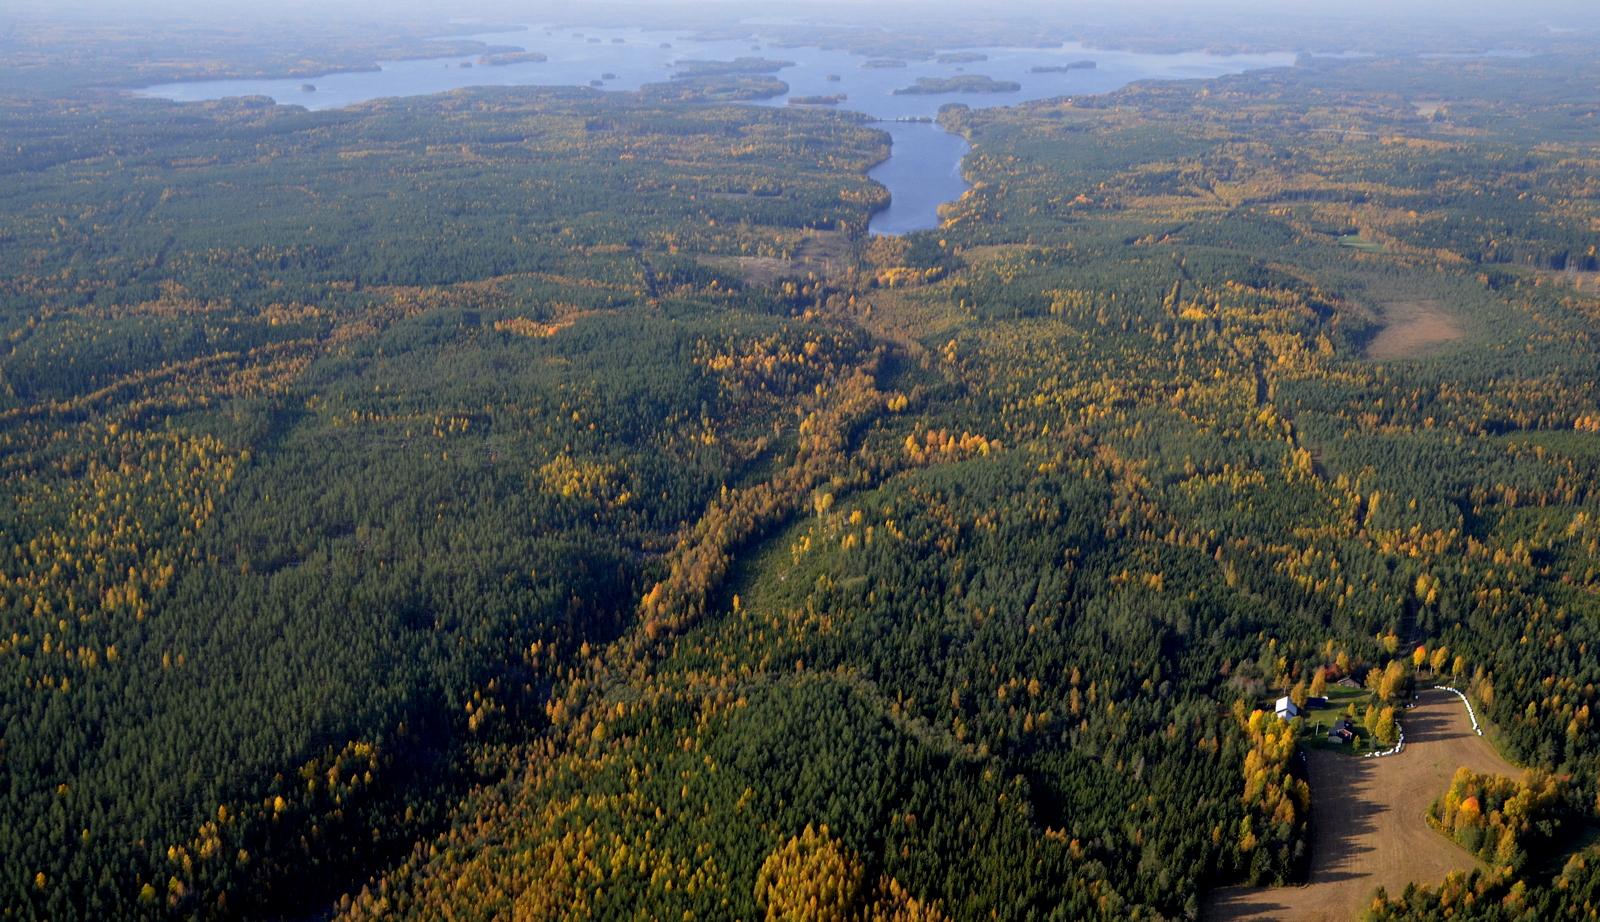 Nyt lennän Viitasaaren puolella. Maatila peltoineen on Valkeapuro. Taustalla Vuorilahti.